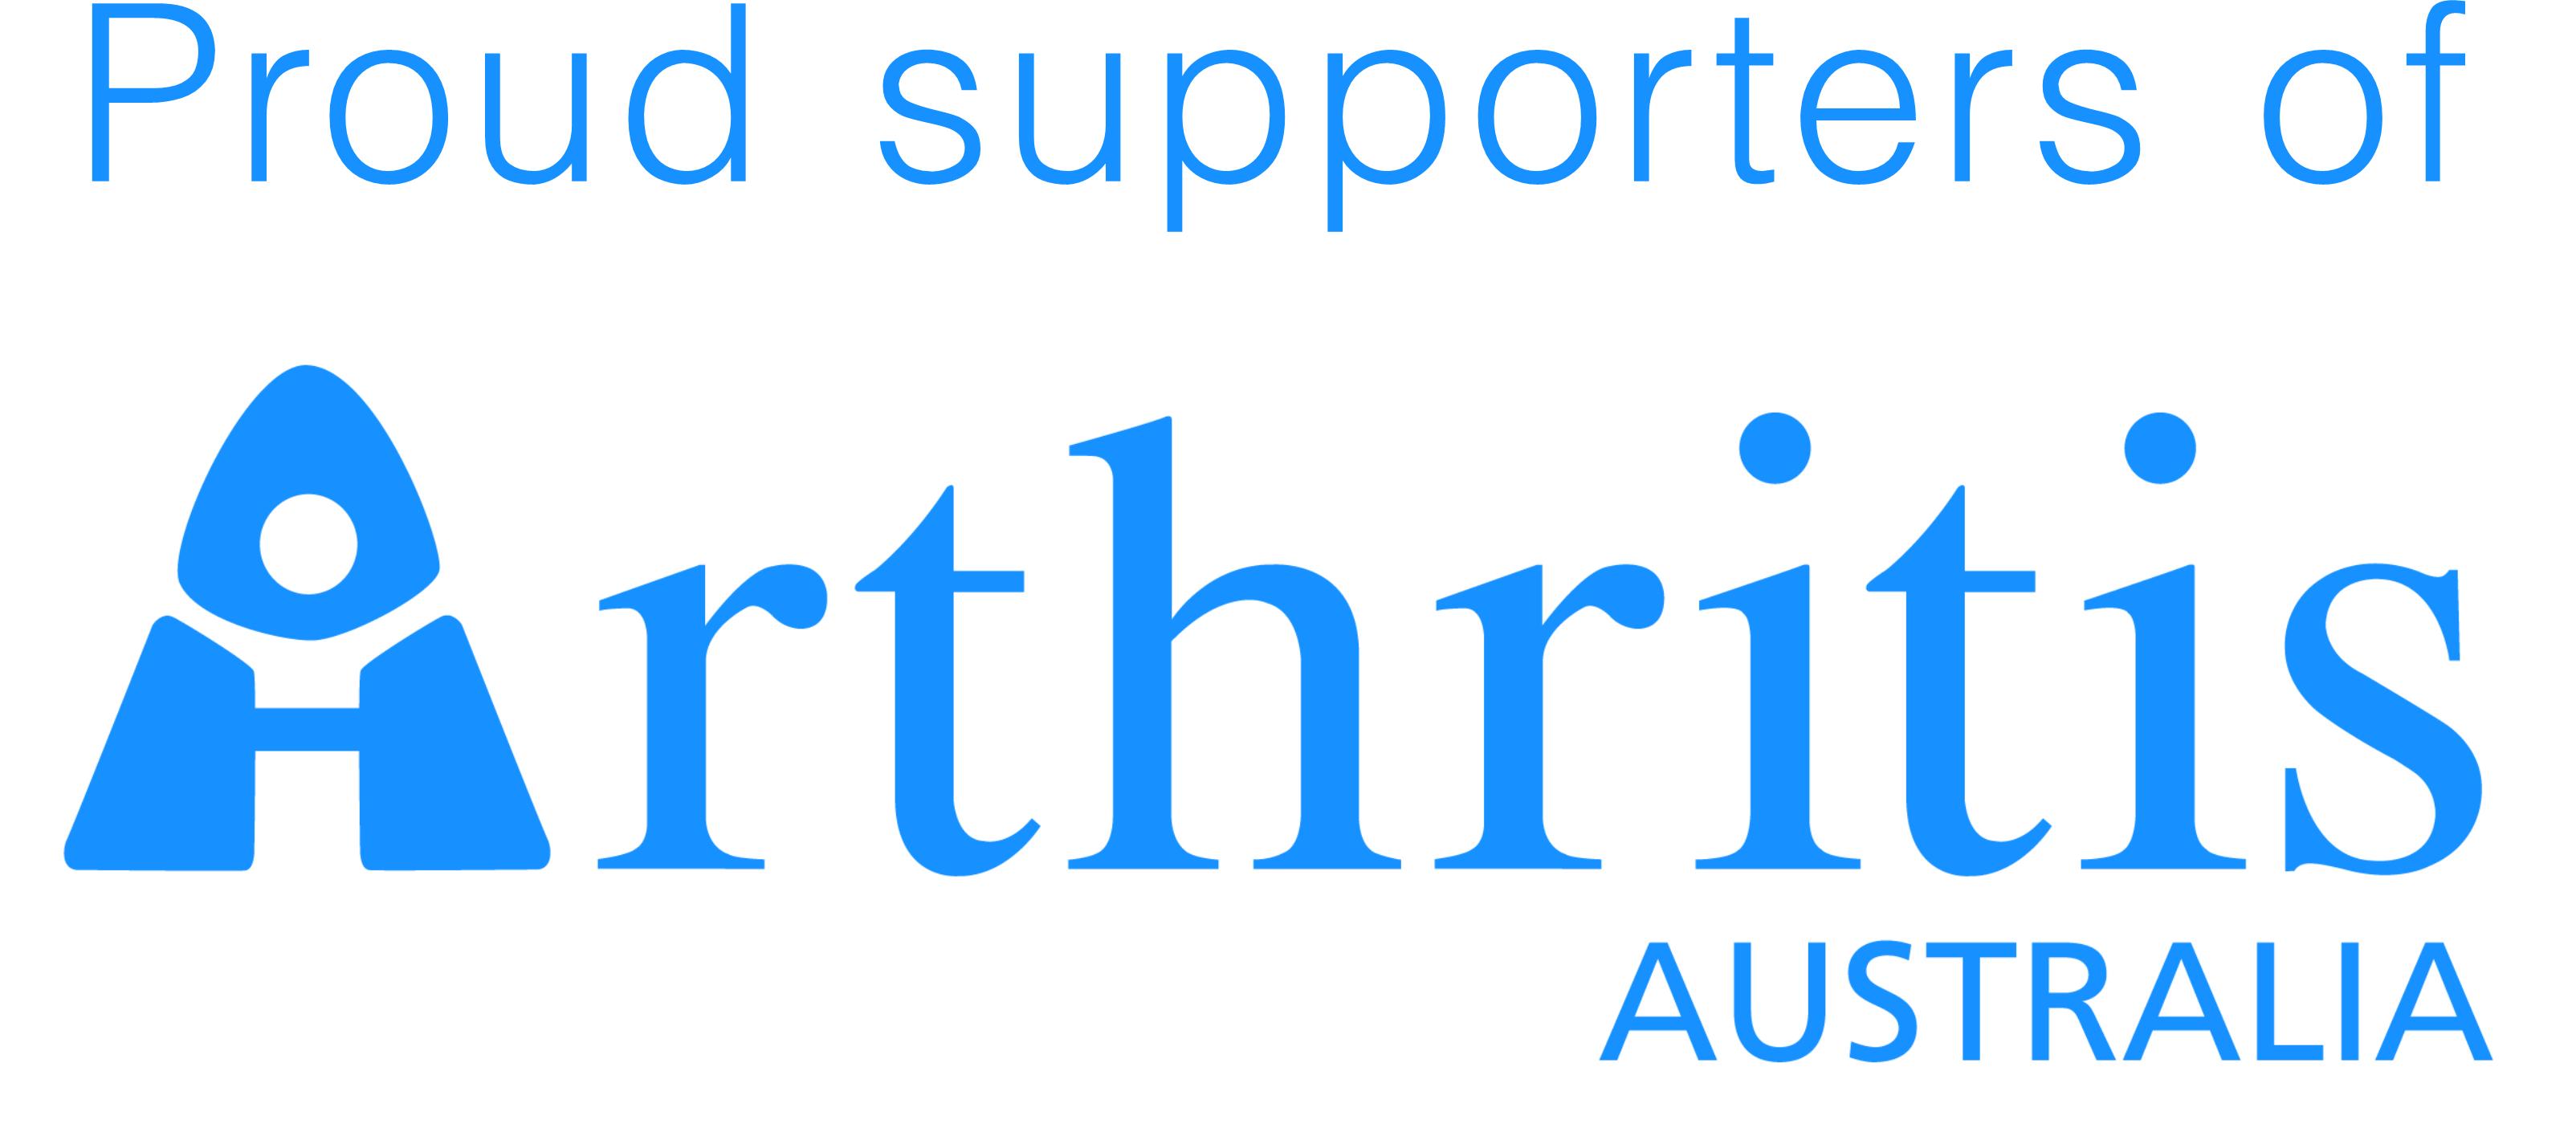 Adjusta Mattress supports Arthritis Australia